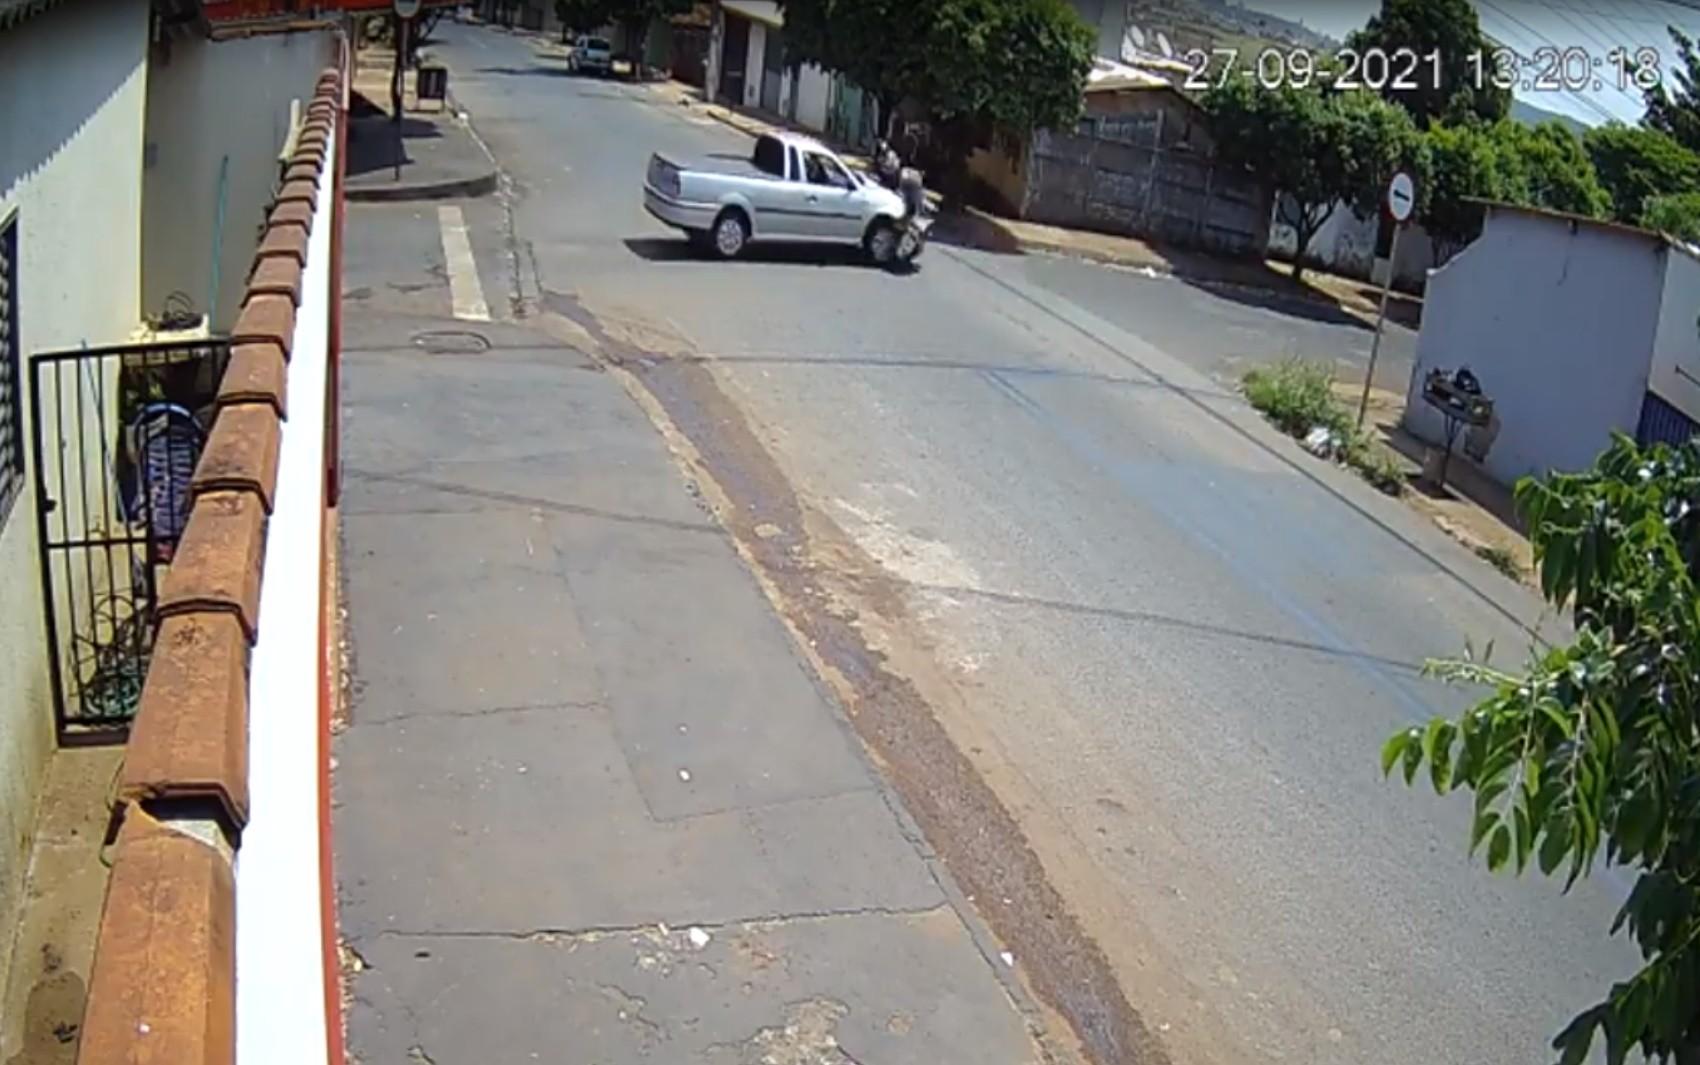 Motociclista é arremessada, gira no ar e vai parar em calçada após ser atingida por picape em rua de Rio Verde; vídeo